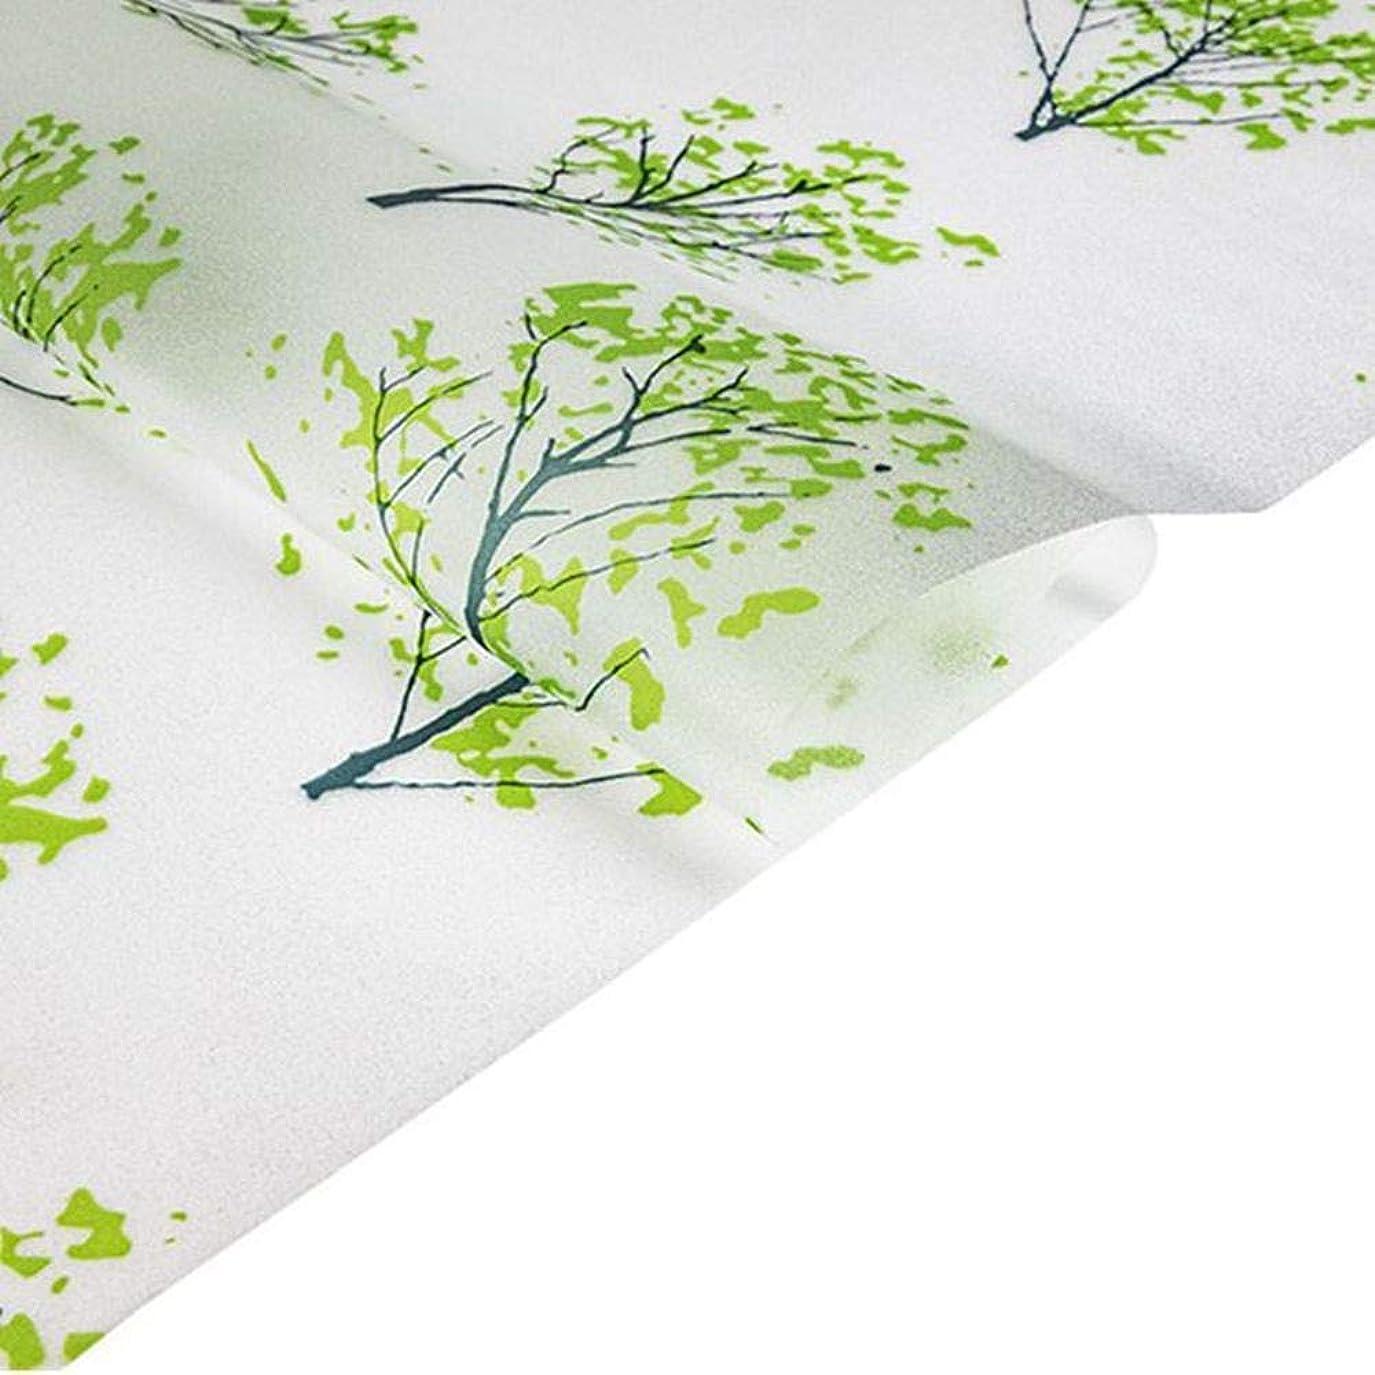 食べる期待する対称ガラスフィルムウィンドウフィルムプライバシー保護ウィンドウフィルムガラス装飾カラーステッカーつや消しトイレ浴室アンチライトウィンドウ紙、90×150センチ